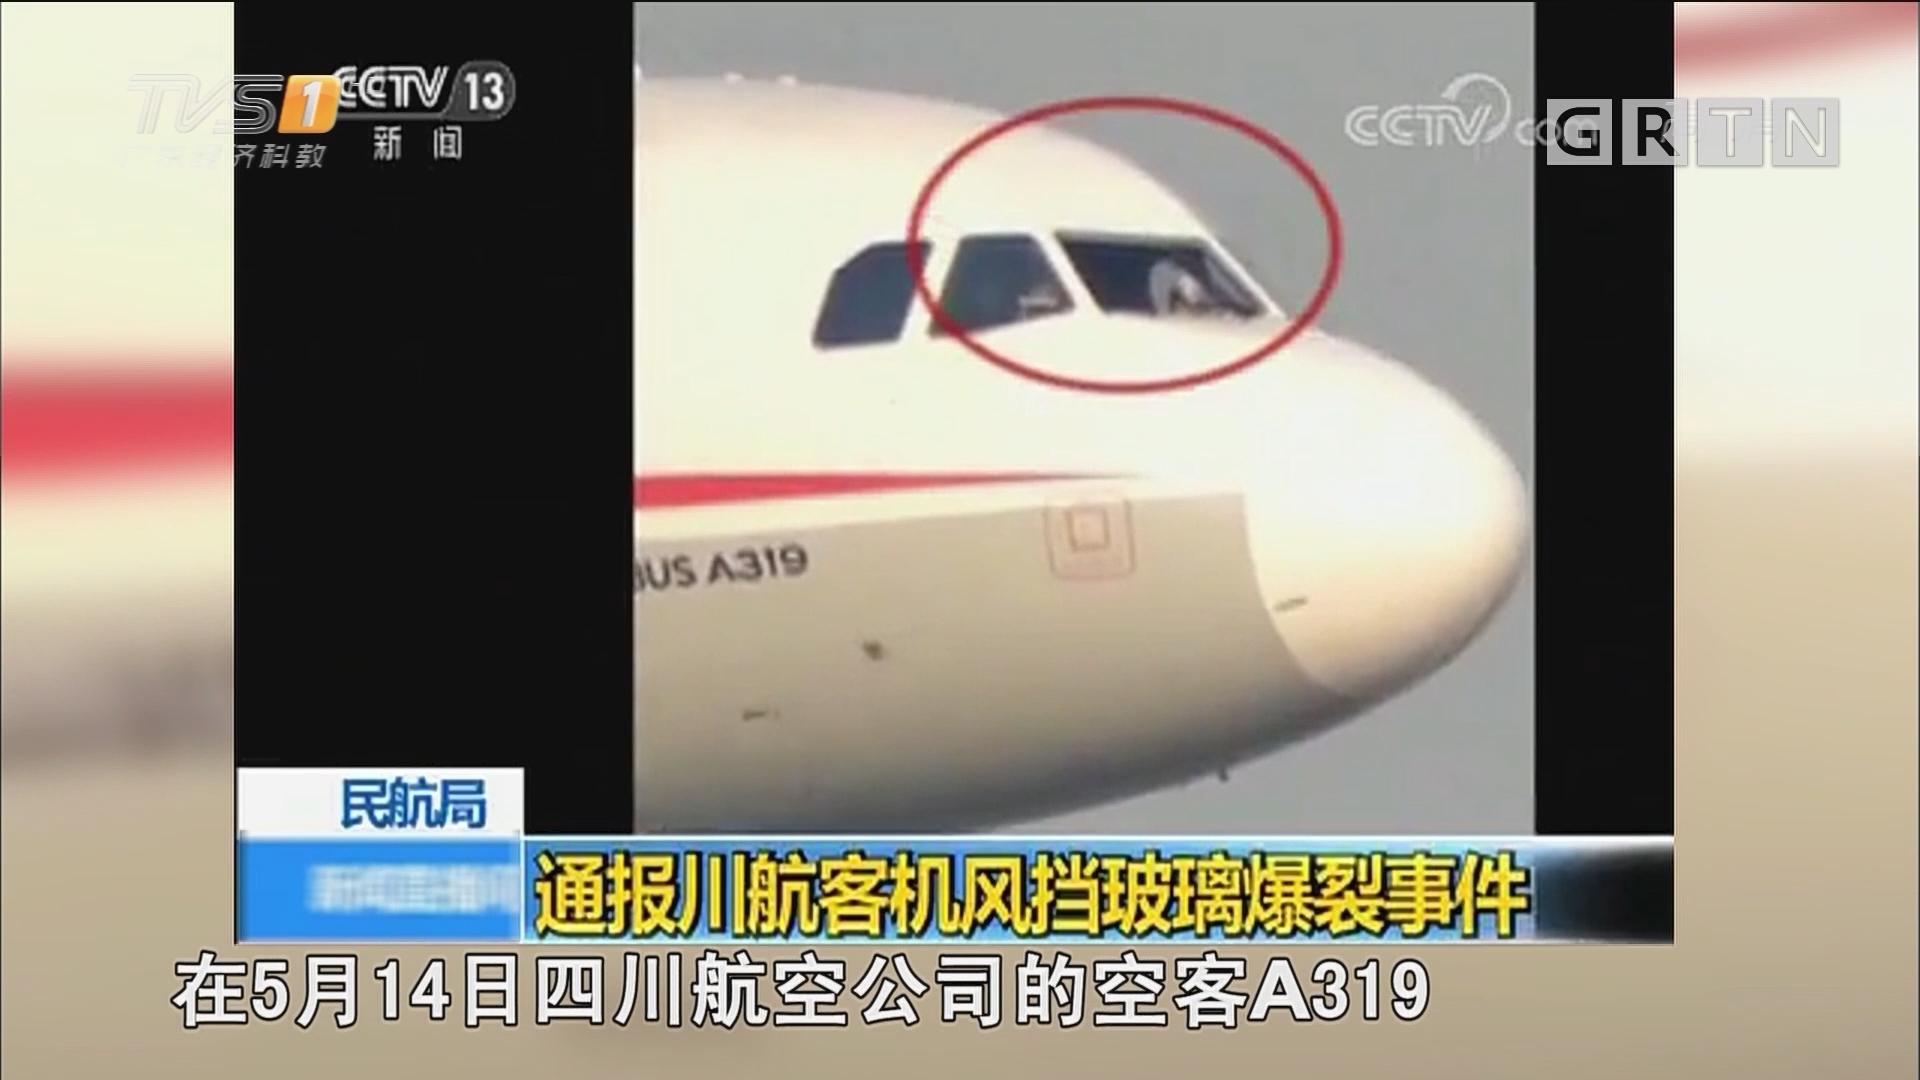 民航局:通报川航客机风挡玻璃爆裂事件